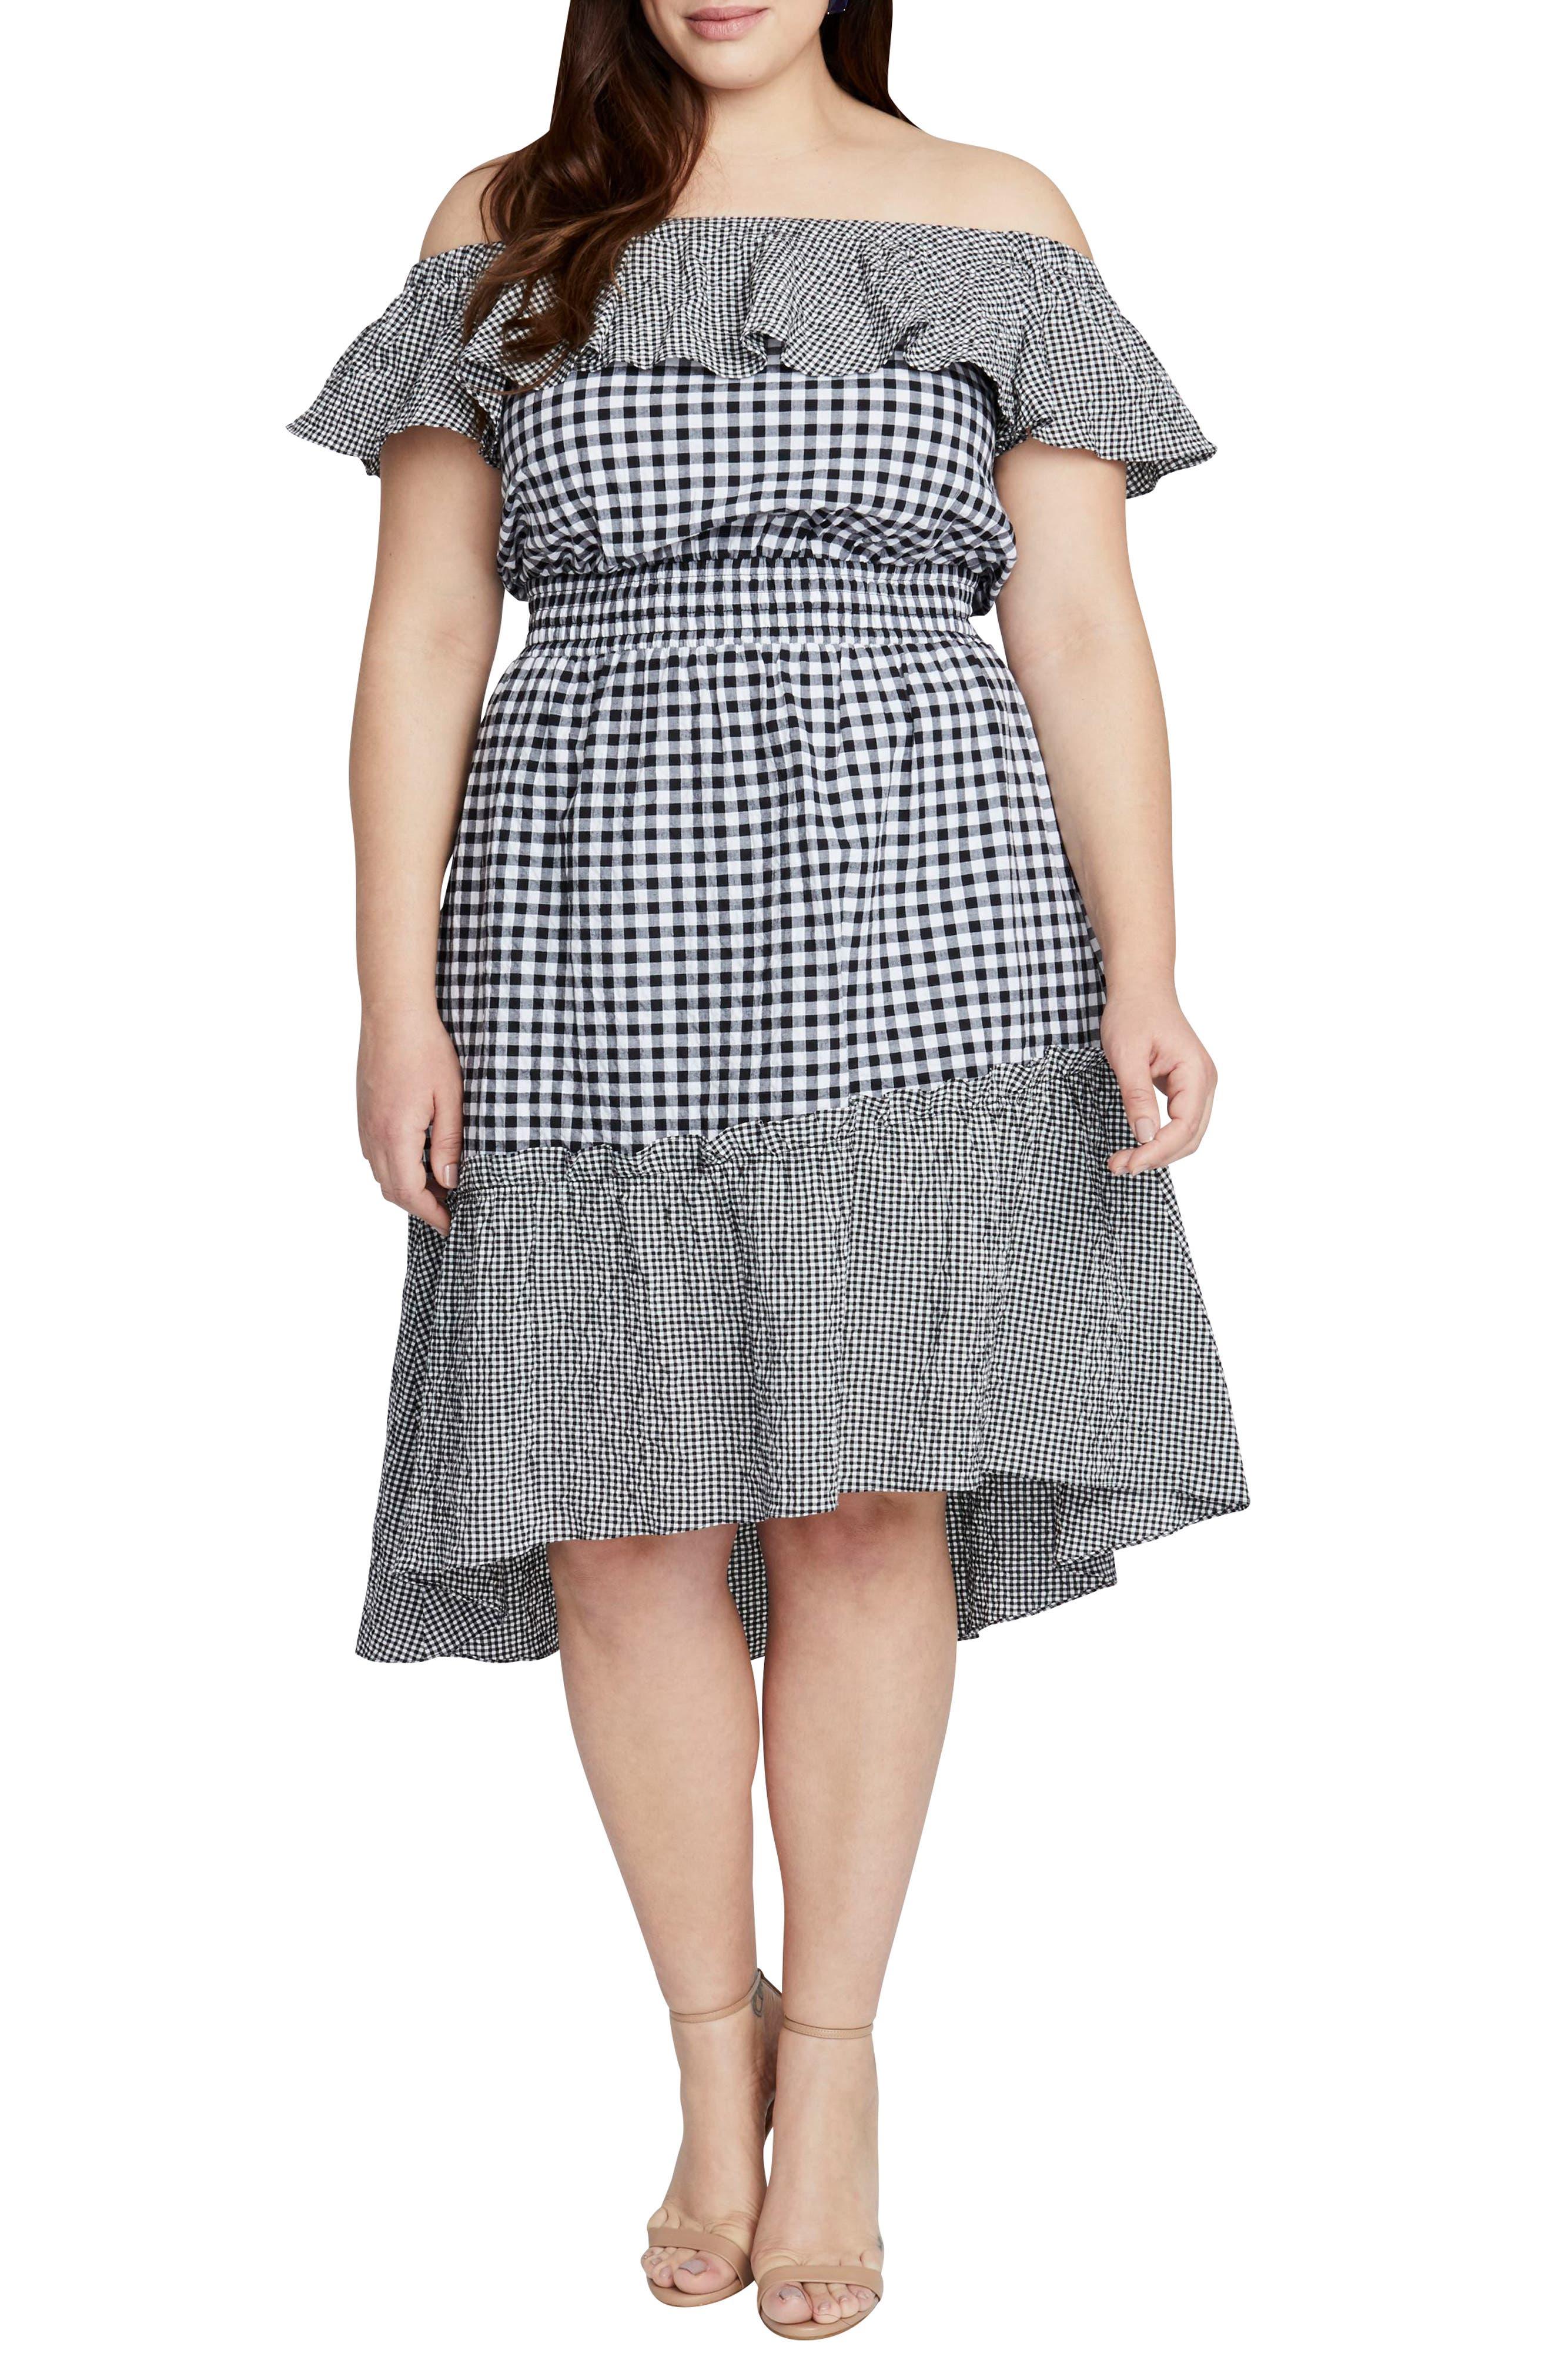 Plus Size Rachel Rachel Roy Ava Gingham Off The Shoulder Dress, Black